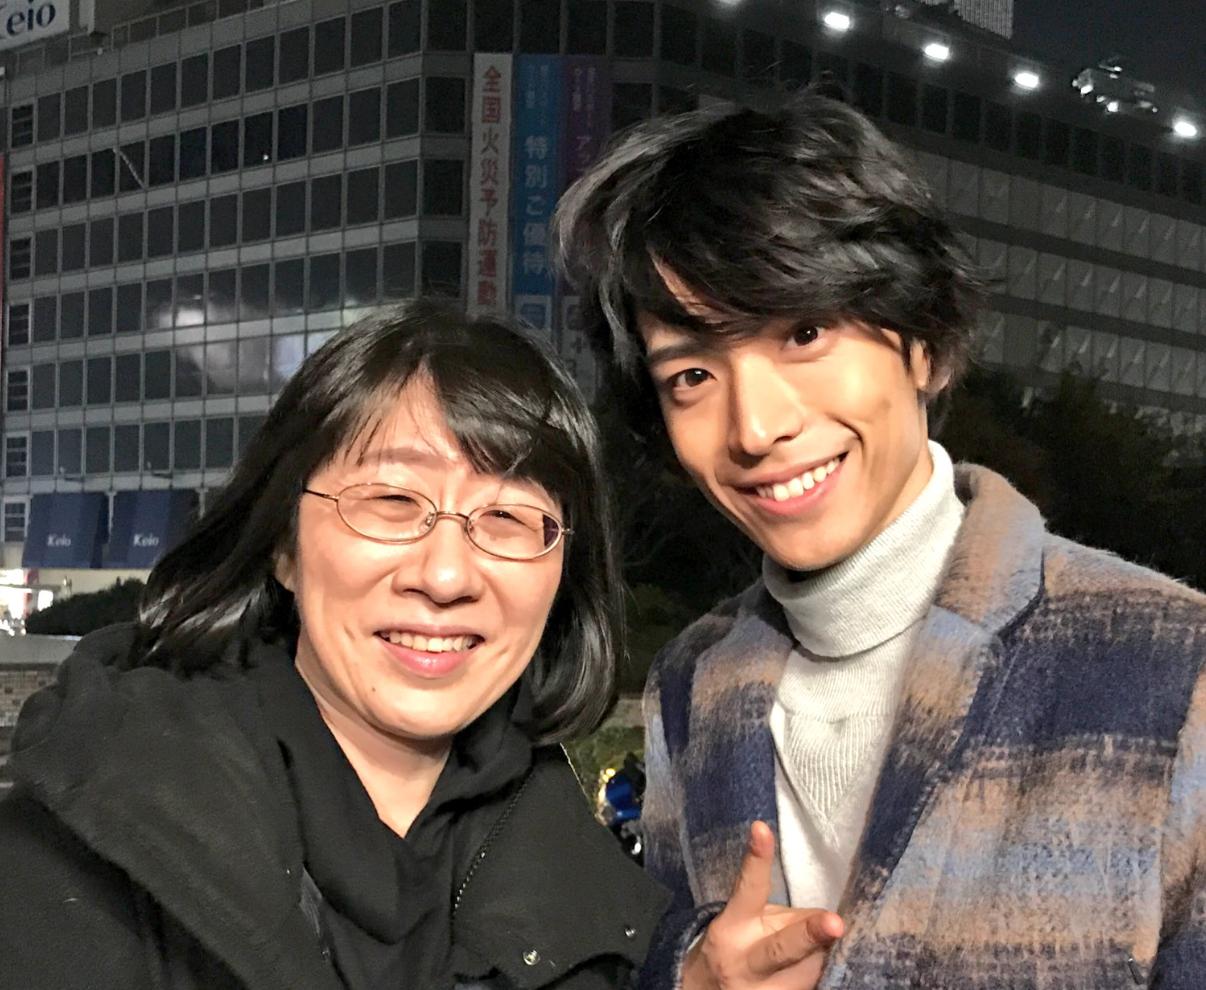 監獄のお姫様の劇中ドラマ「恋神」大人気!テニプリ黒羽&渡部